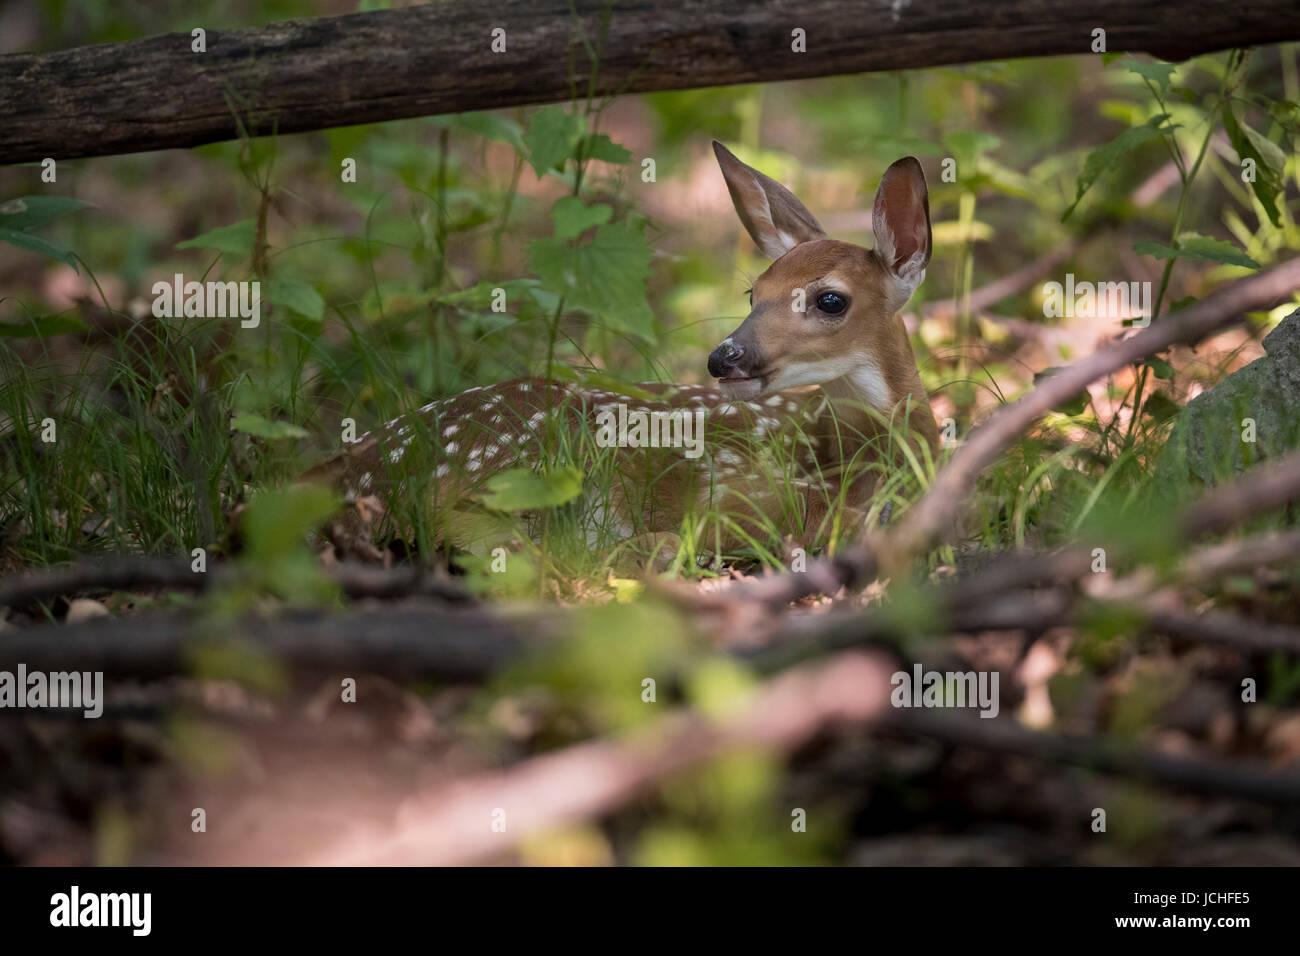 A hidden fawn whitetail deer. - Stock Image